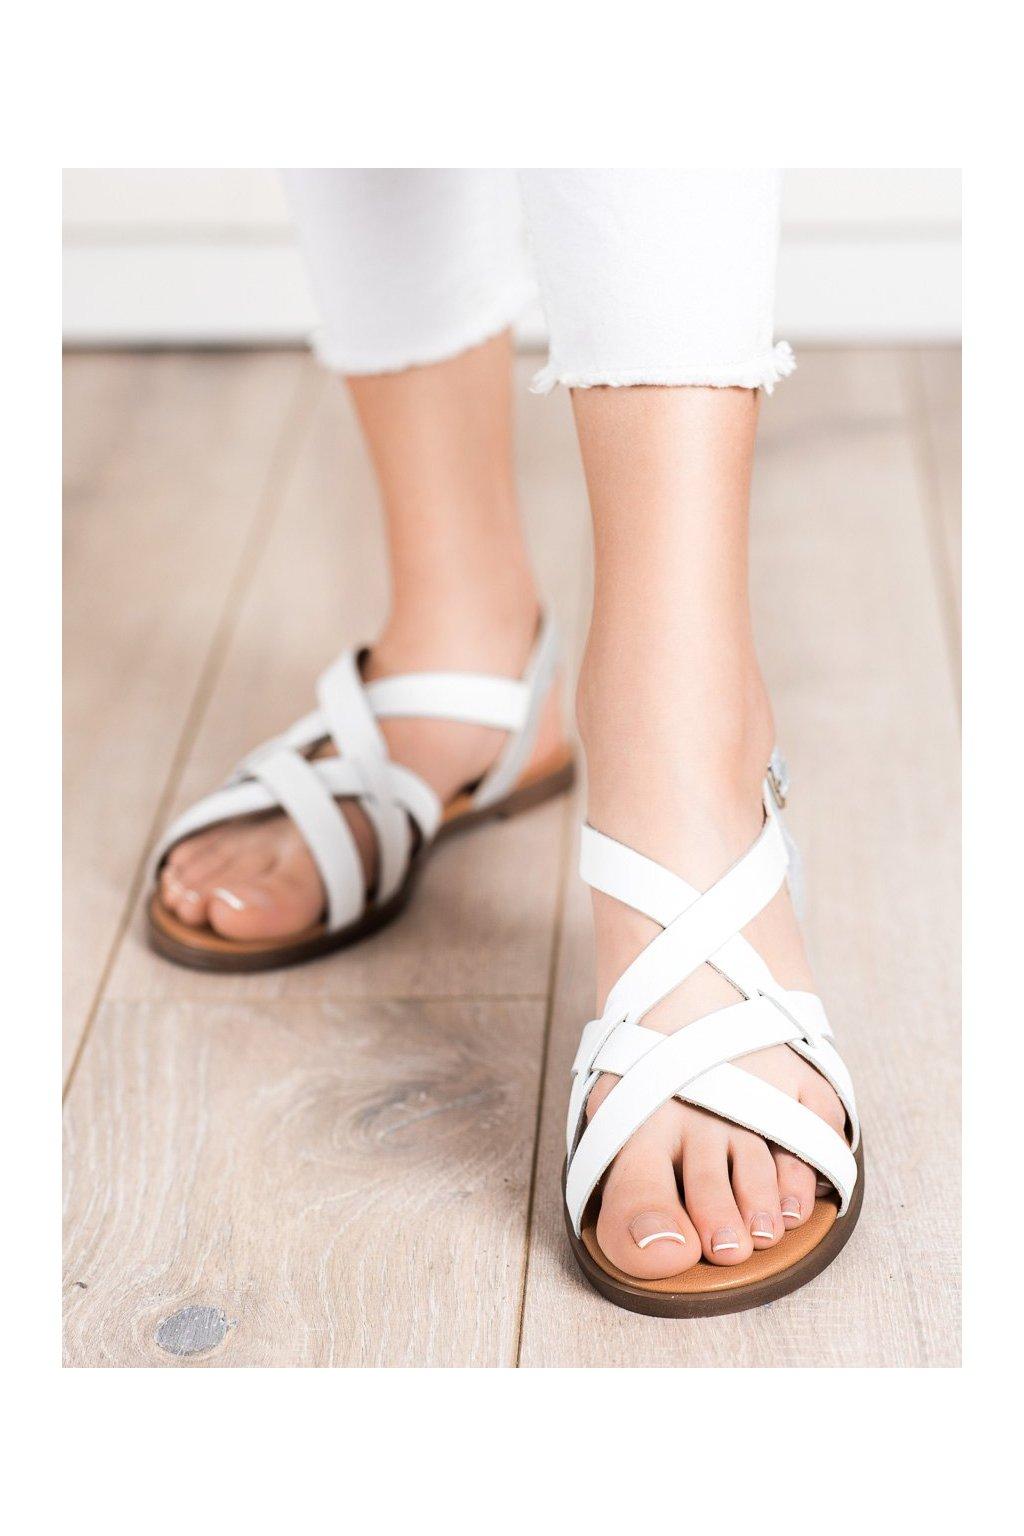 Biele dámske sandále Sergio leone kod SK062W